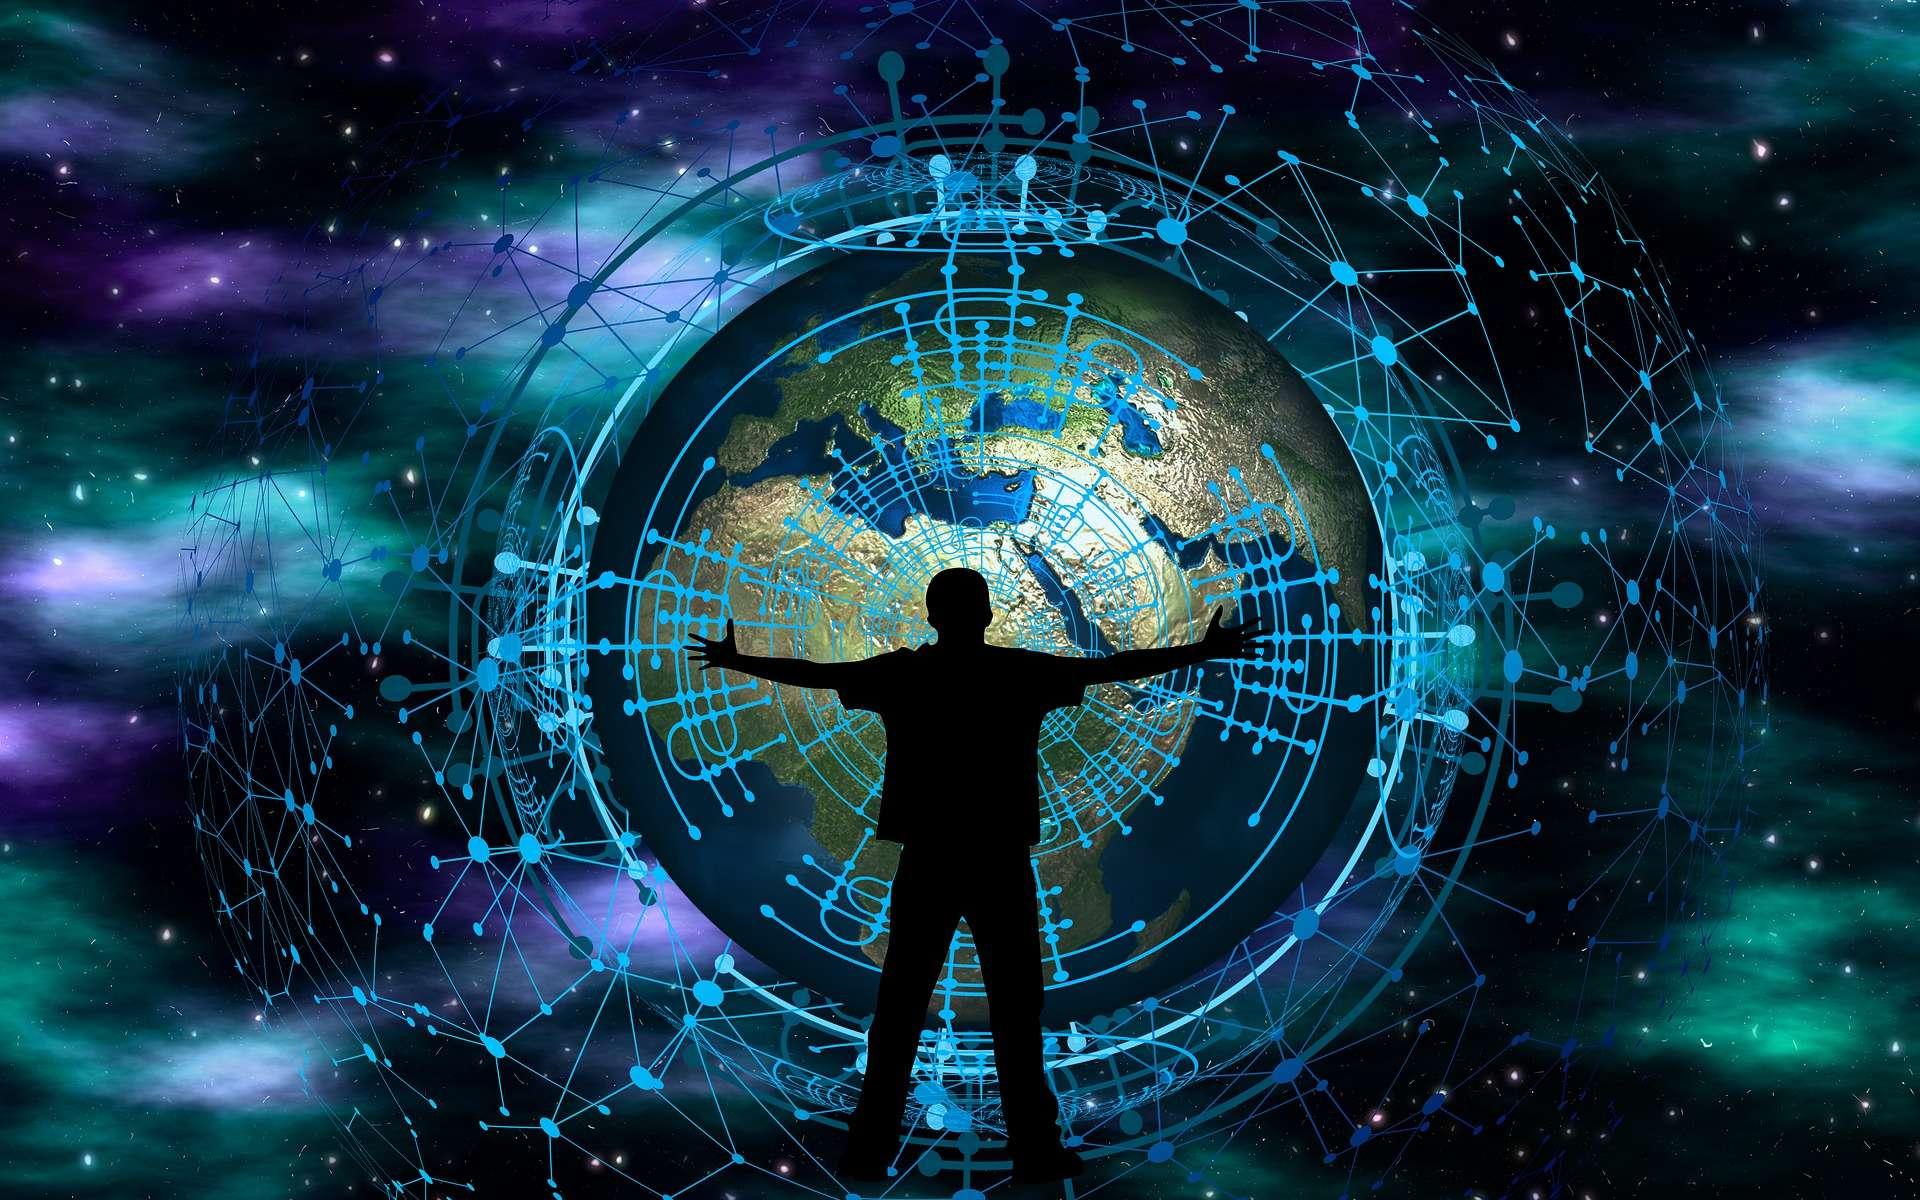 Alain Damasio : « le décrochage technologique se traduira par un plaisir de vivre beaucoup plus intense » - Futura